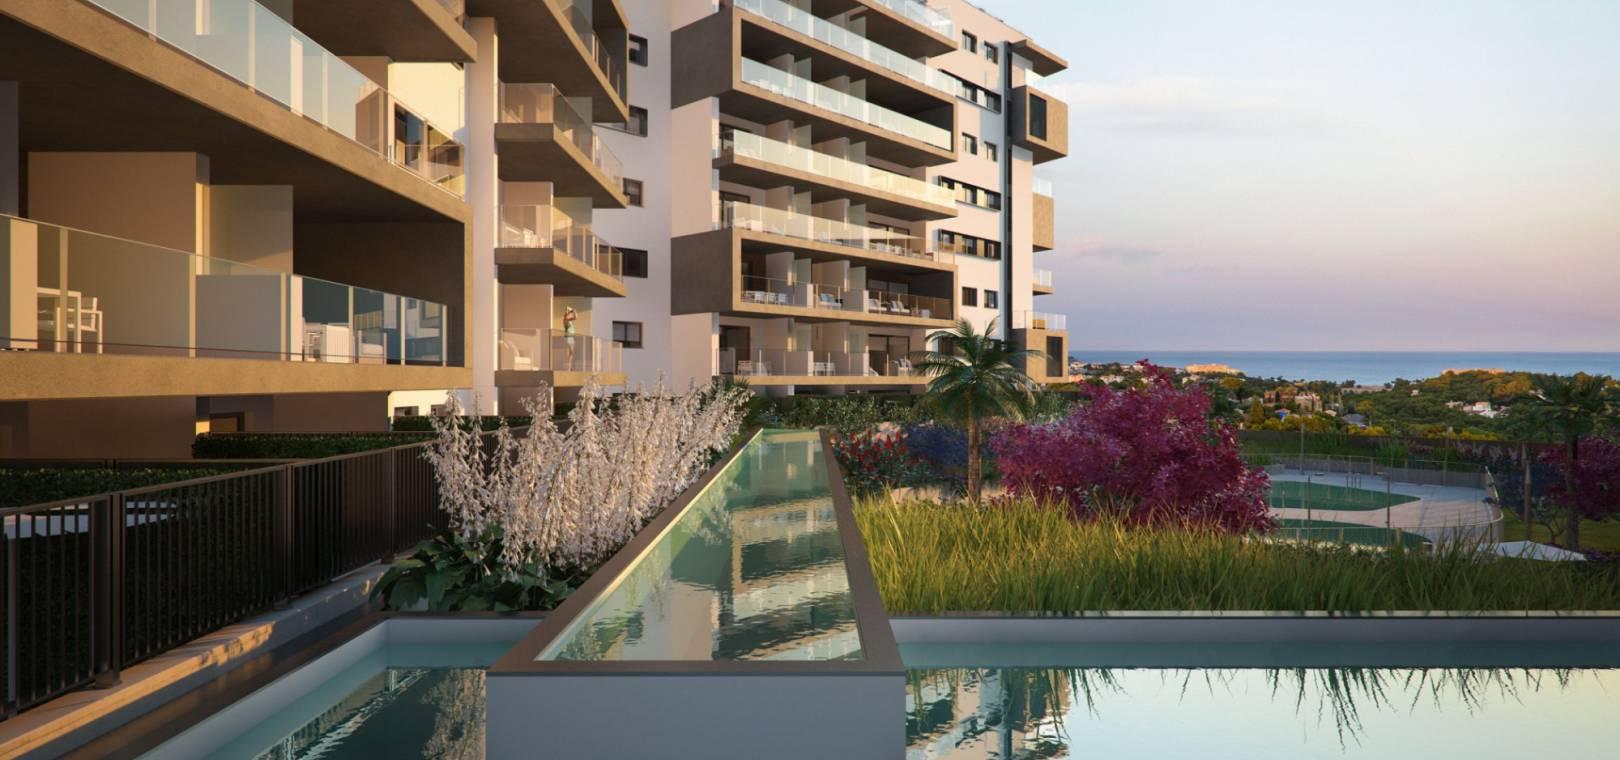 Residencial Sea Gardens Campoamor New Build Apartments 3